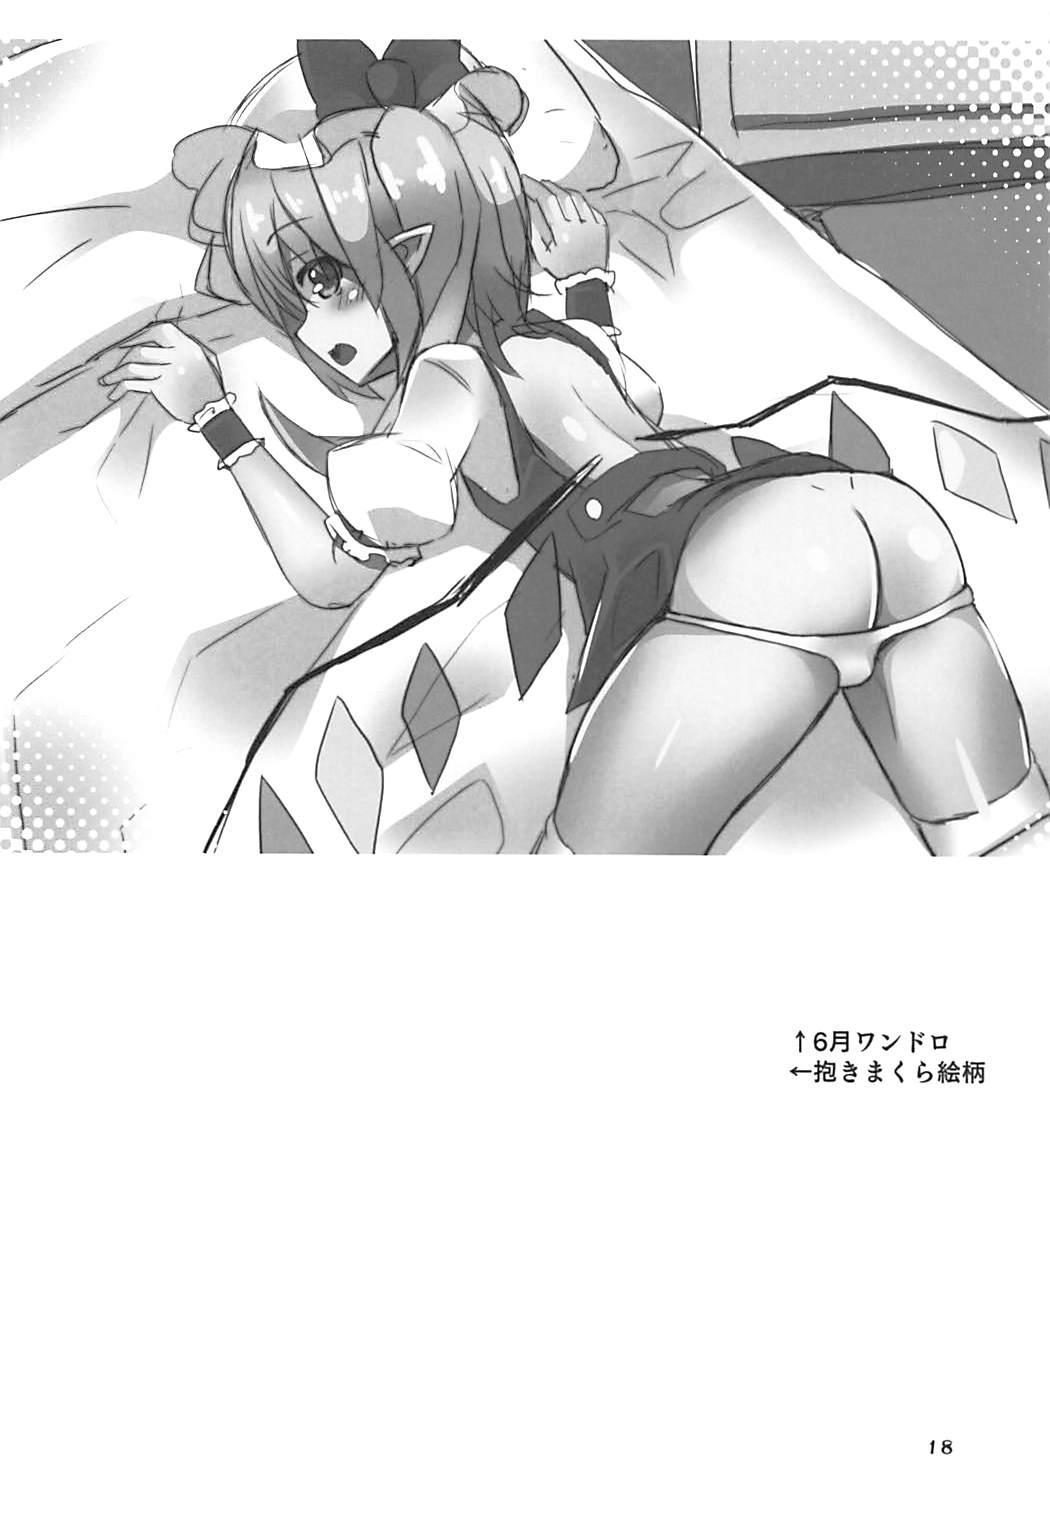 Flan-chan no Loli Bitch Haishin 16